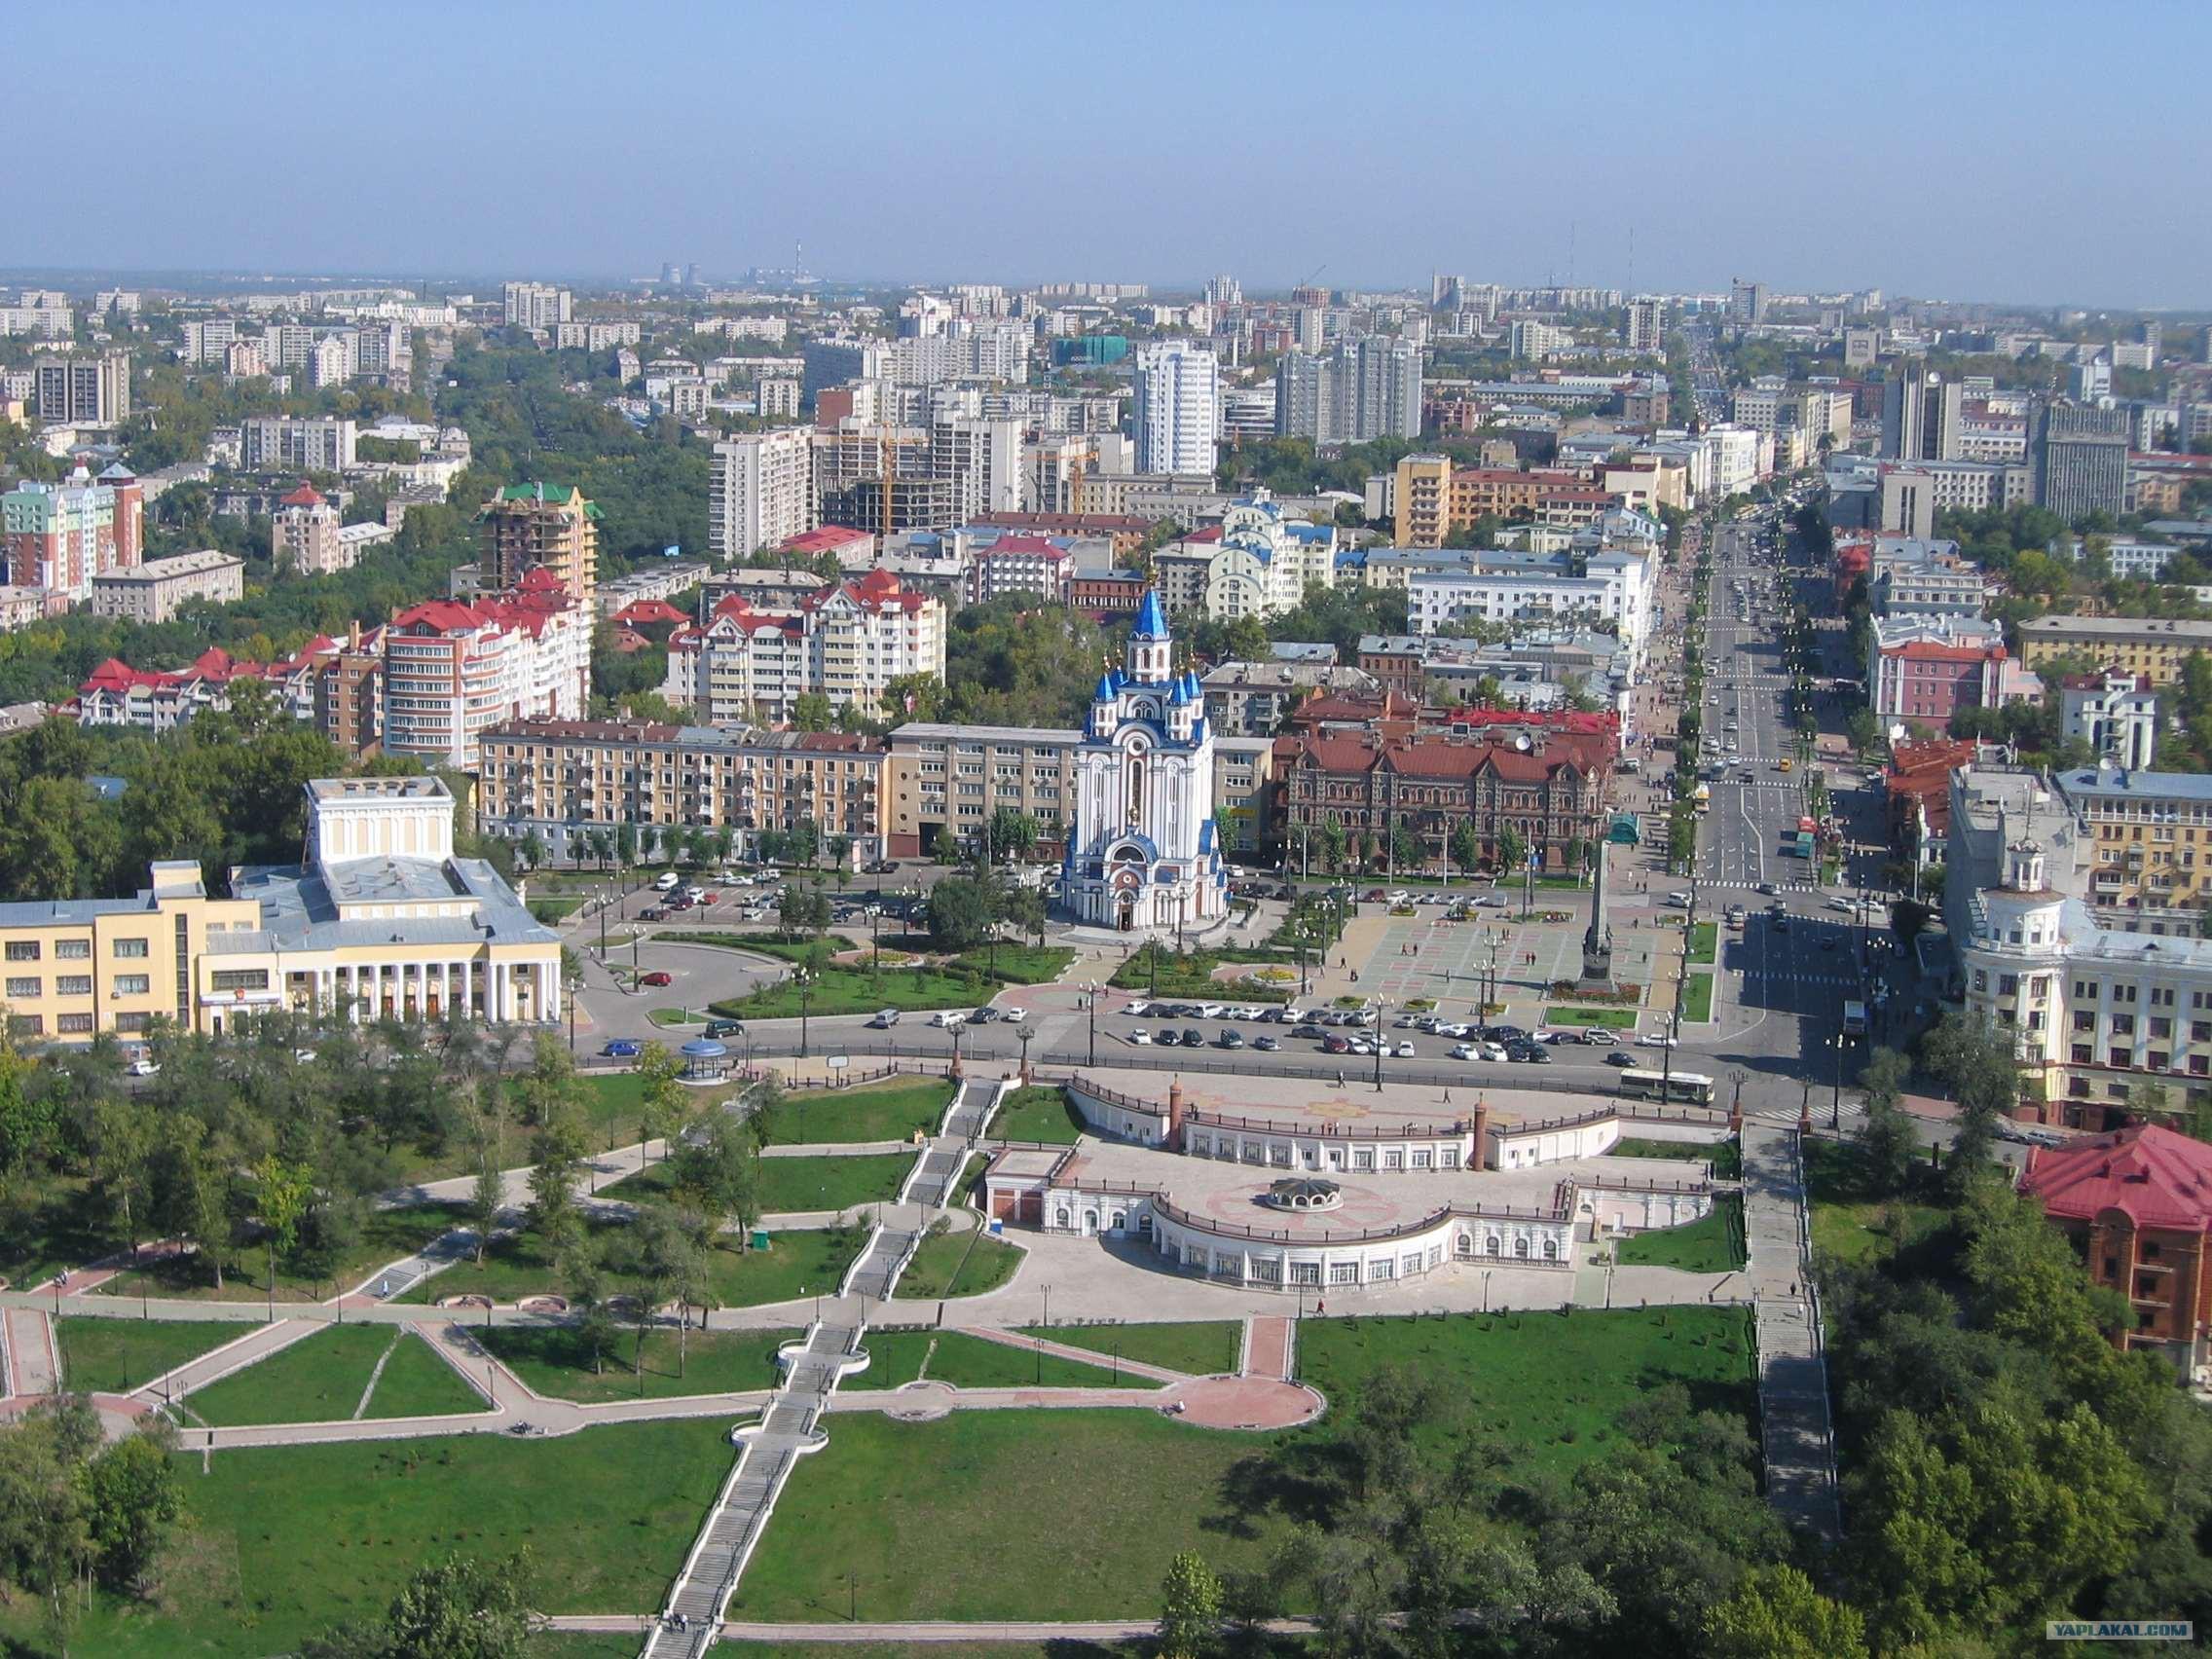 Ул шевченко, первая улица г хабаровска, памятник первостроителю города капитану дьяченко, набережная амура